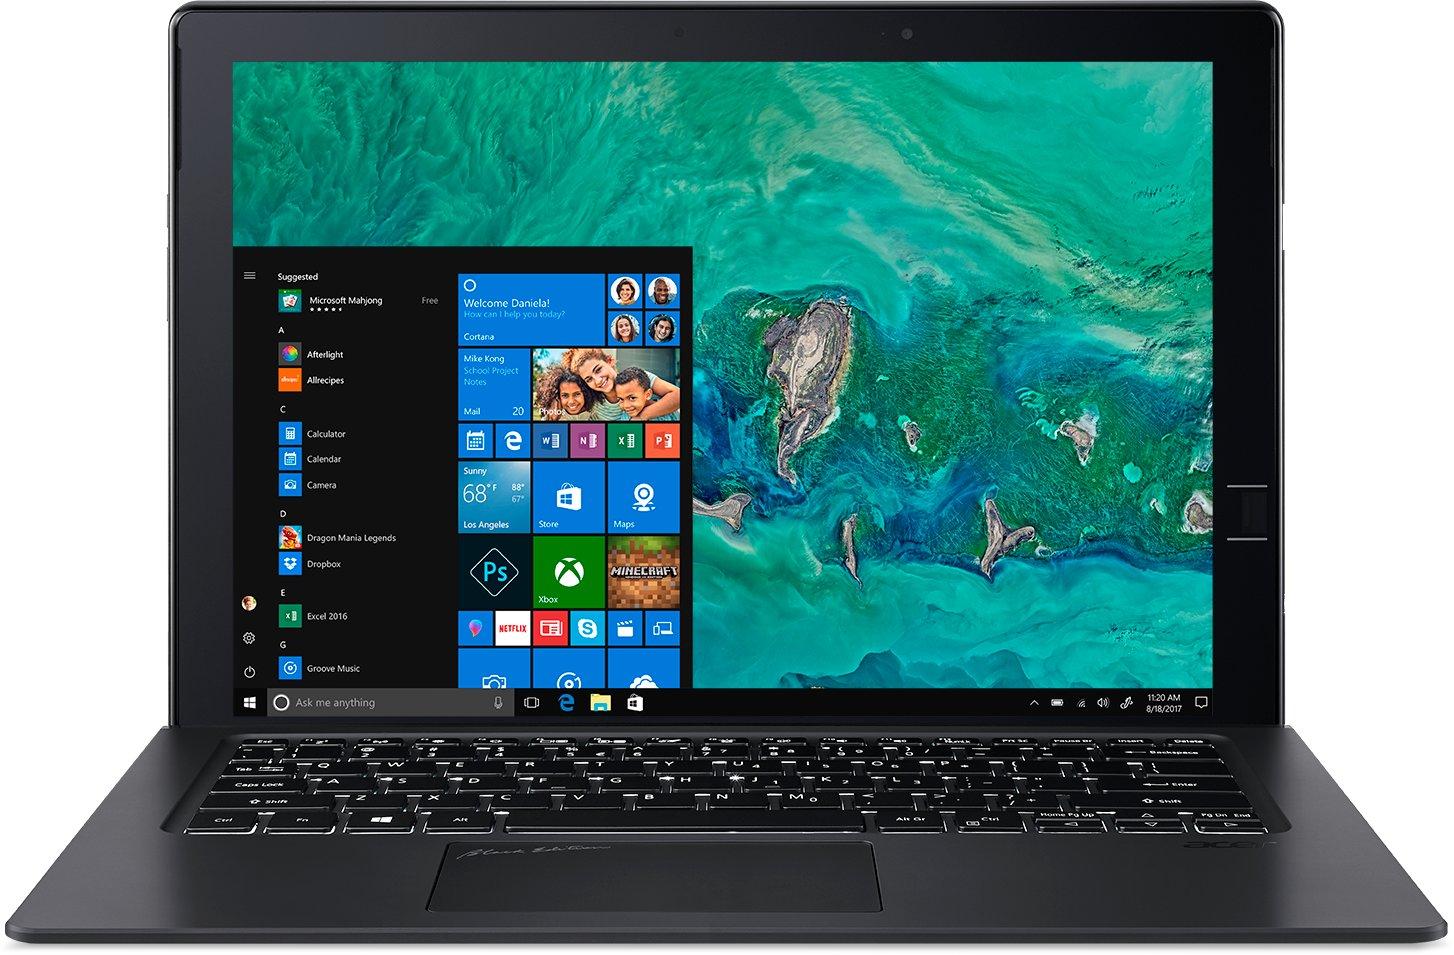 """Acer Switch 7 - 13, 5T""""/ i7-8550U/ 512SSD/ 16G/ MX150/ W10Pro + stylus"""